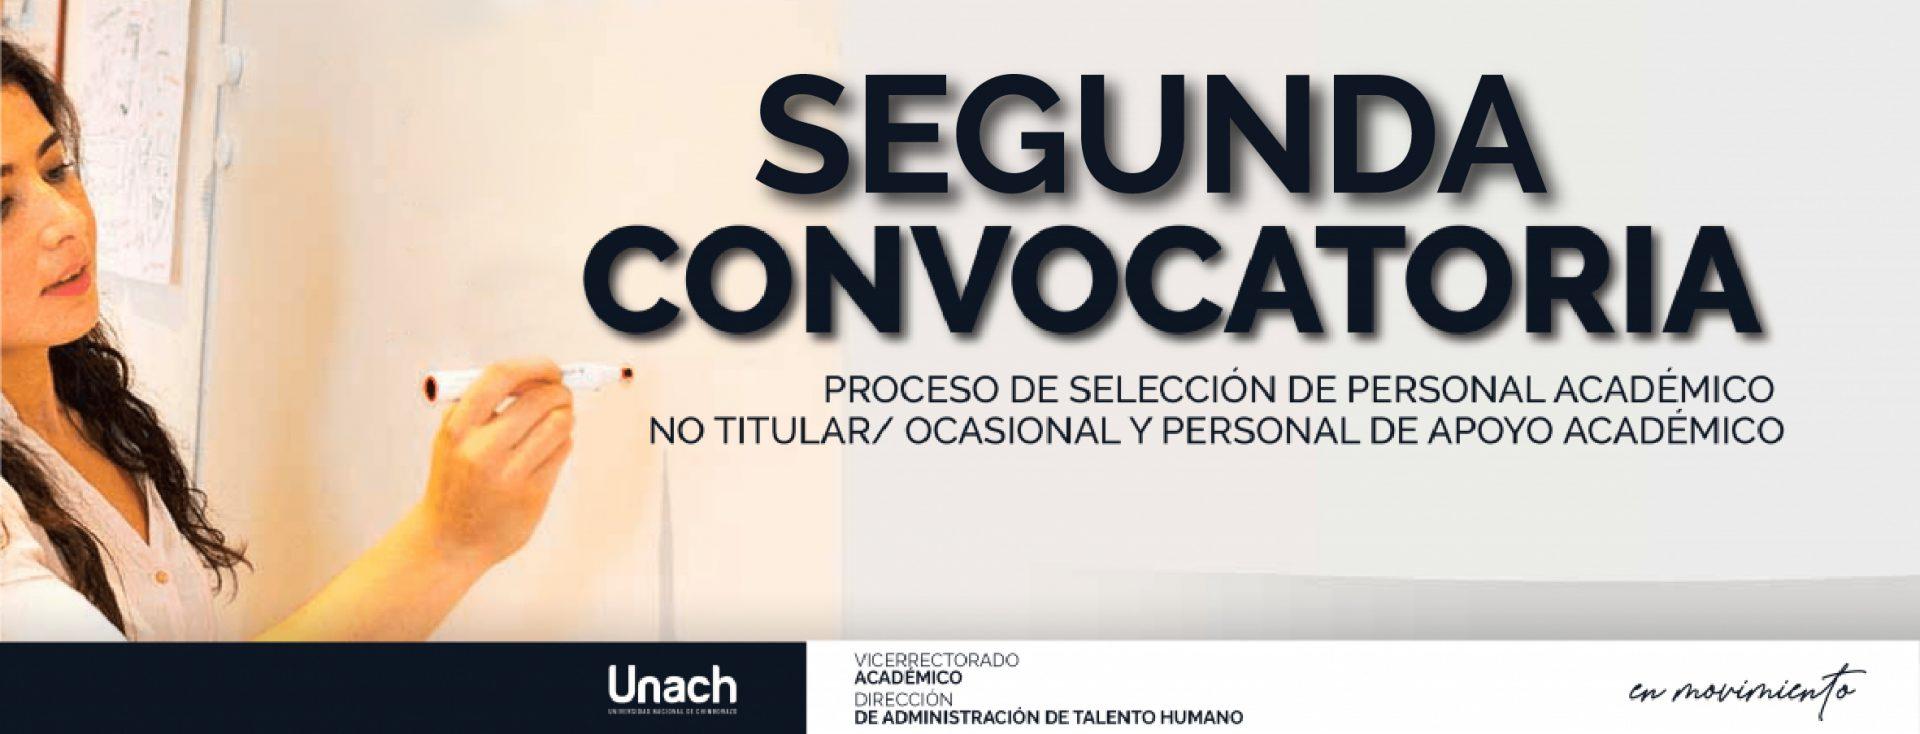 SEGUNDA CONVOCATORIA PARA EL PROCESO DE SELECCIÓN DE PERSONAL ACADÉMICO NO TITULAR/ OCASIONAL Y PERSONAL DE APOYO ACADÉMICO